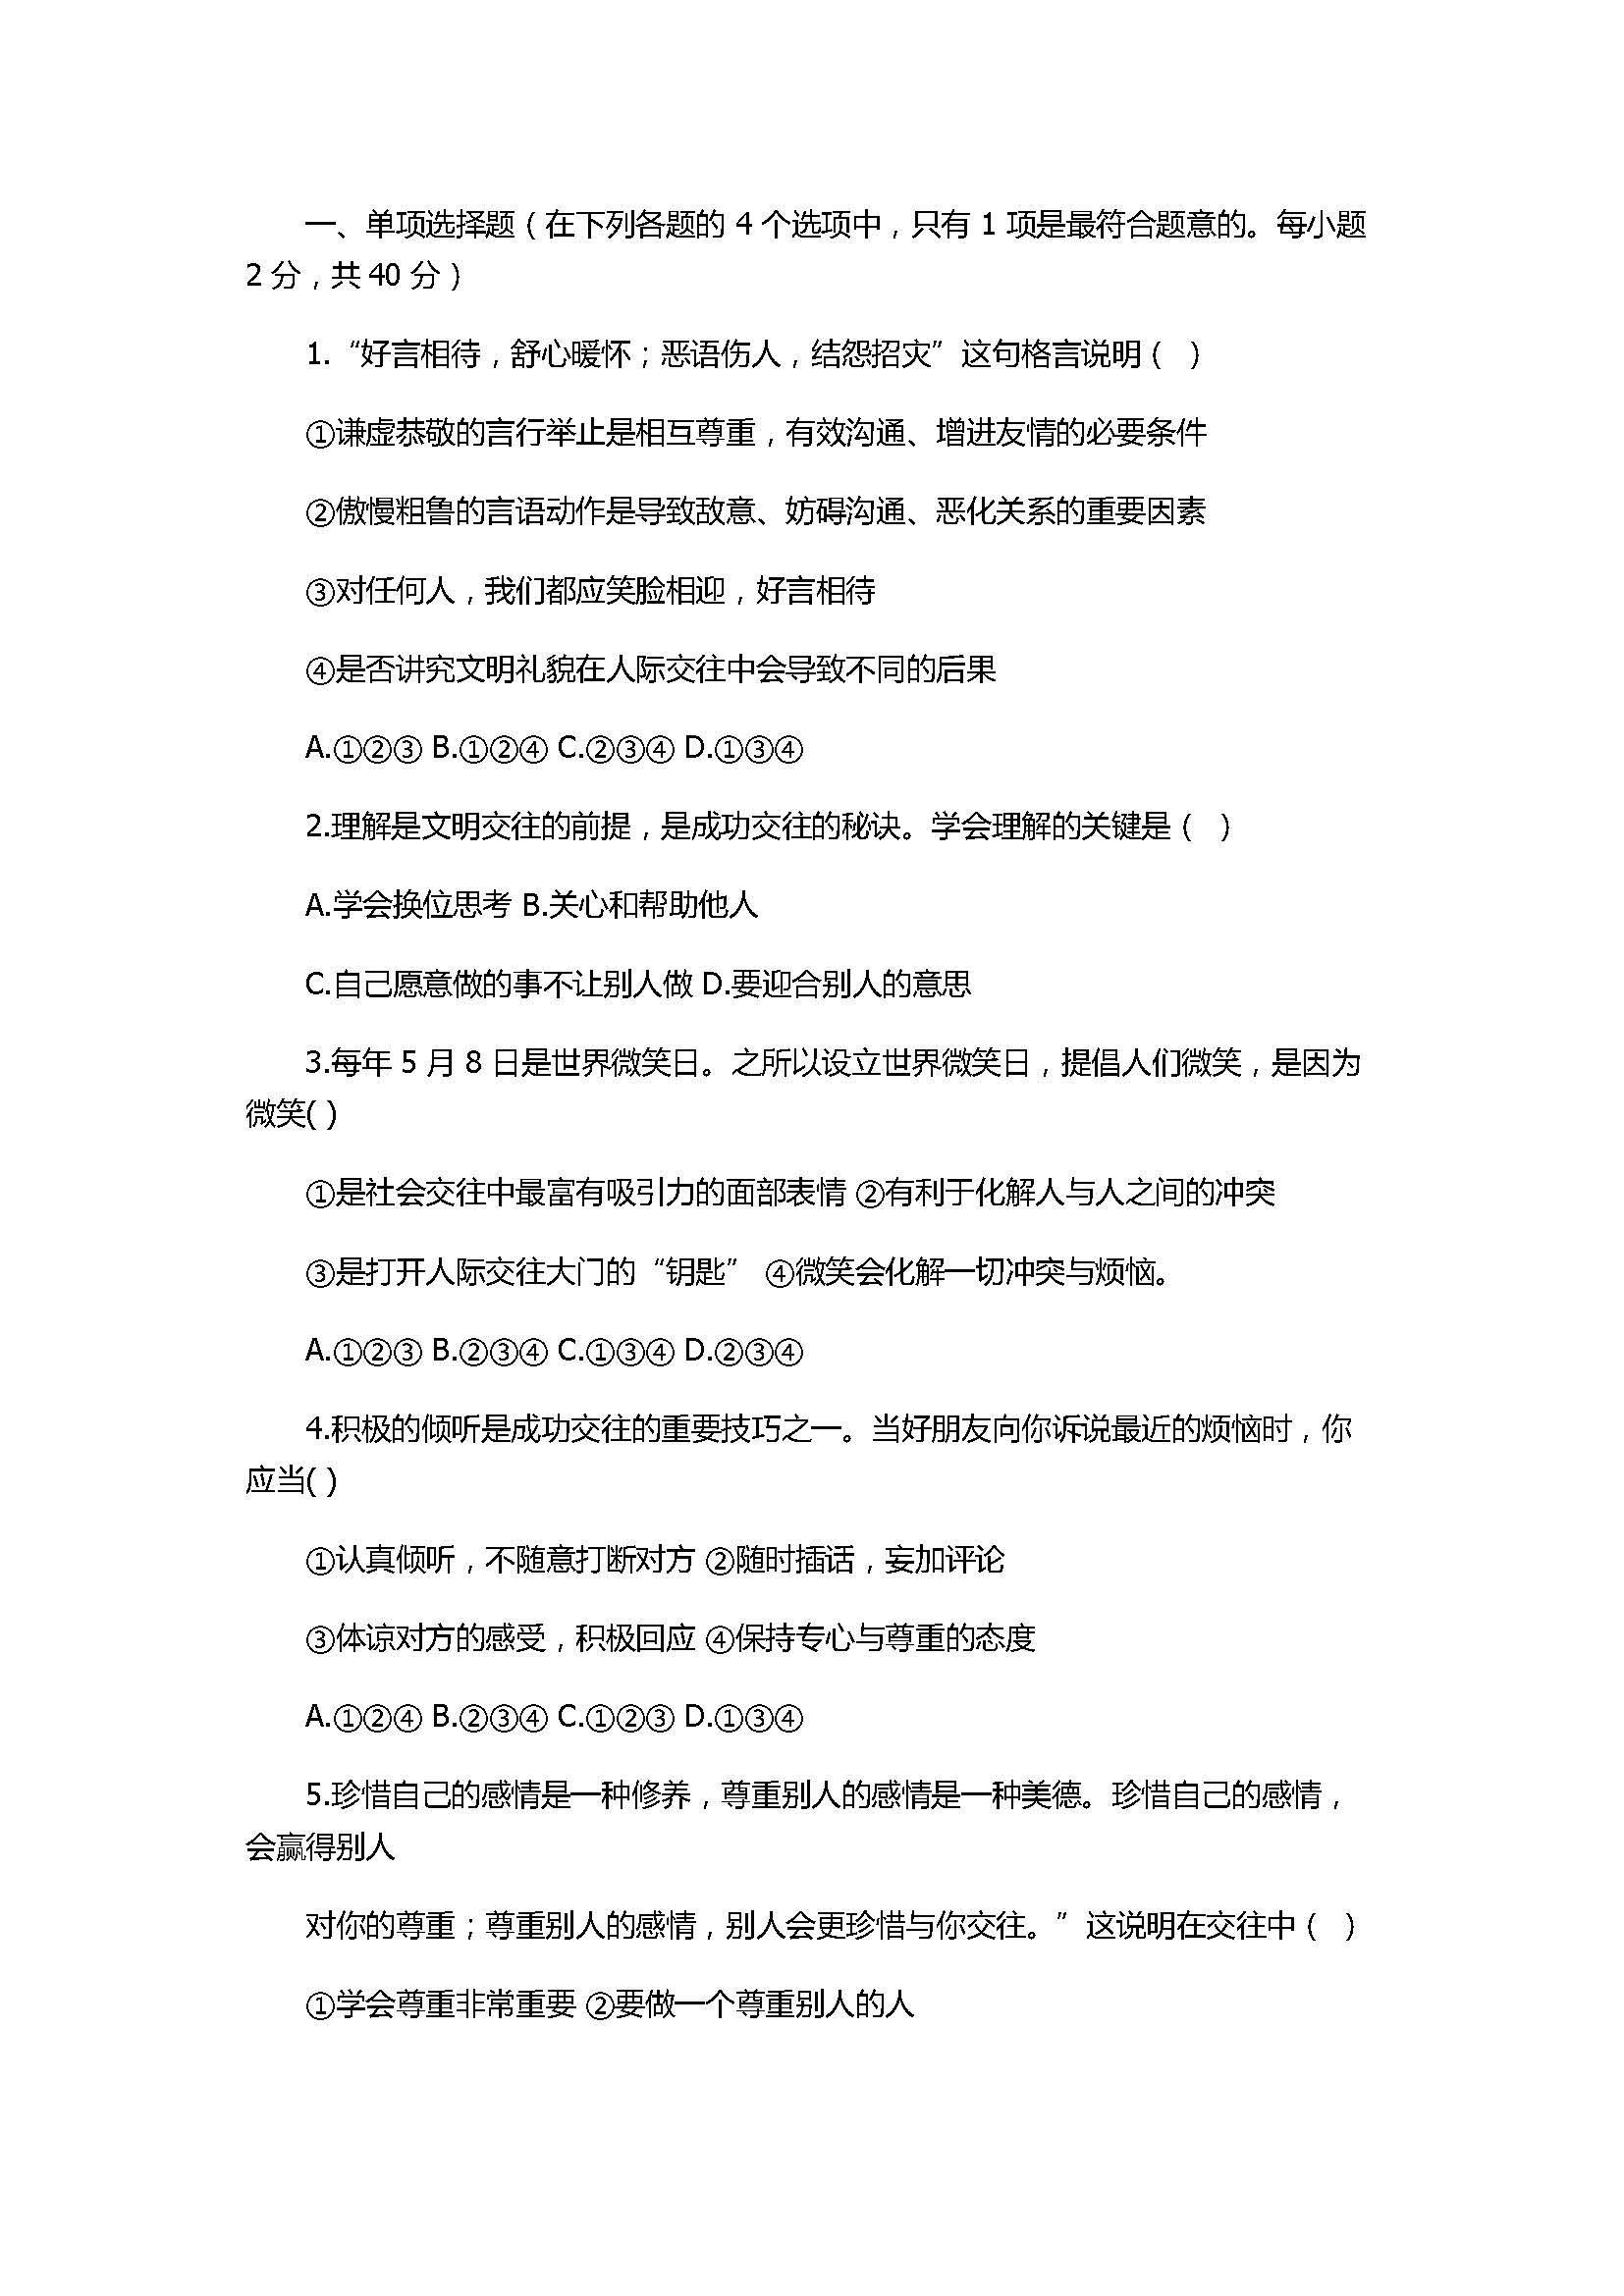 2017七年级道德与法治期末试题附答案(济南市槐荫区)